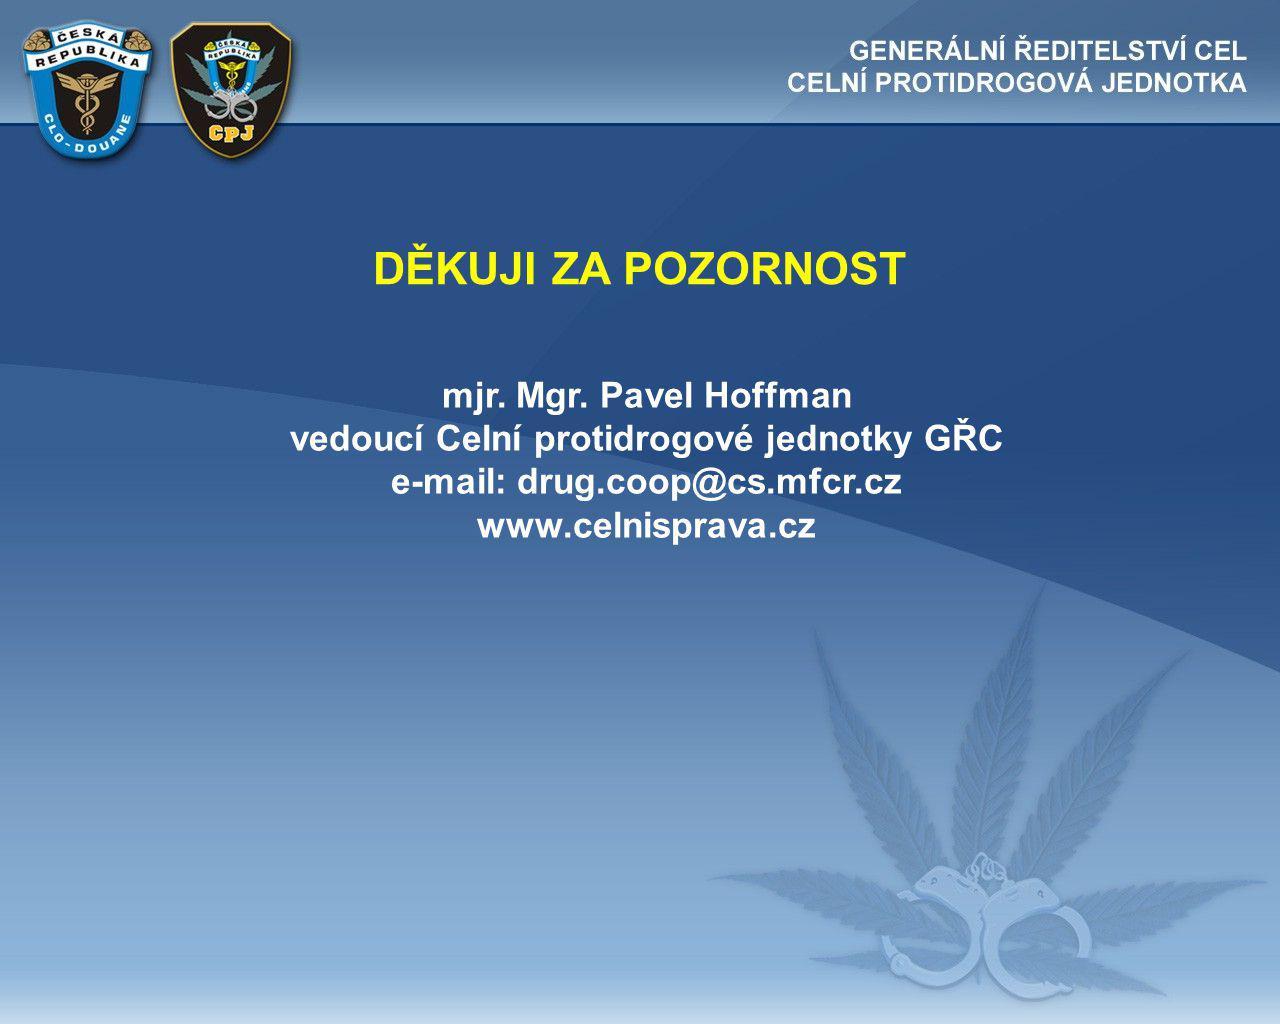 vedoucí Celní protidrogové jednotky GŘC e-mail: drug.coop@cs.mfcr.cz